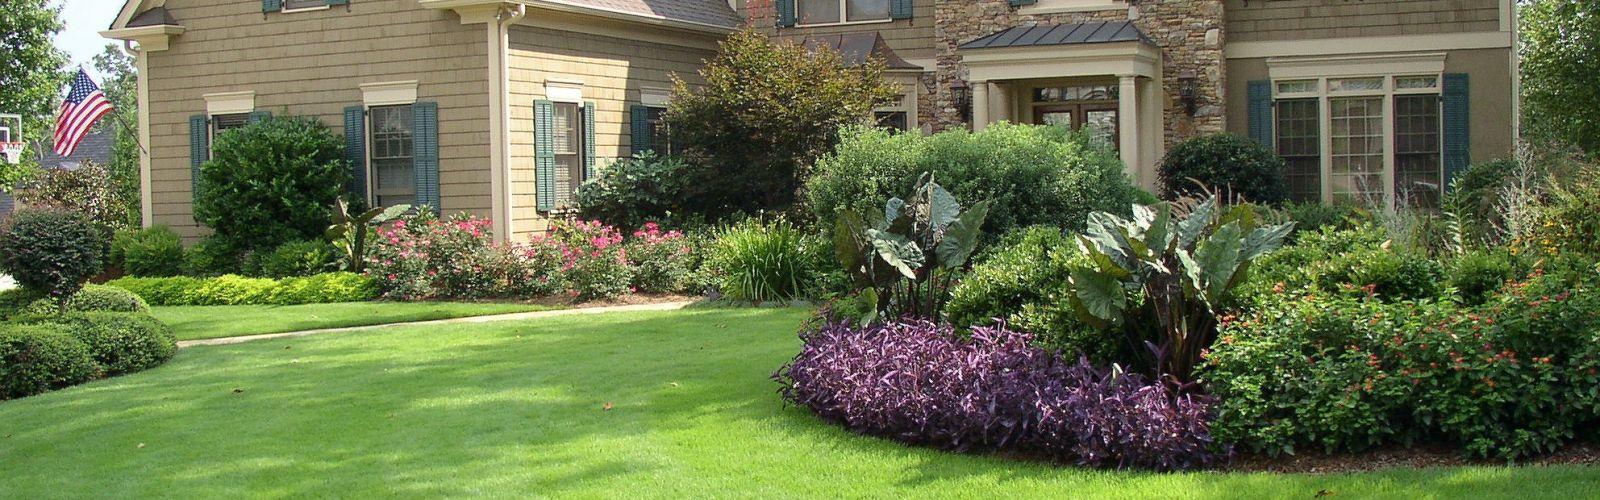 landscape design in front of home